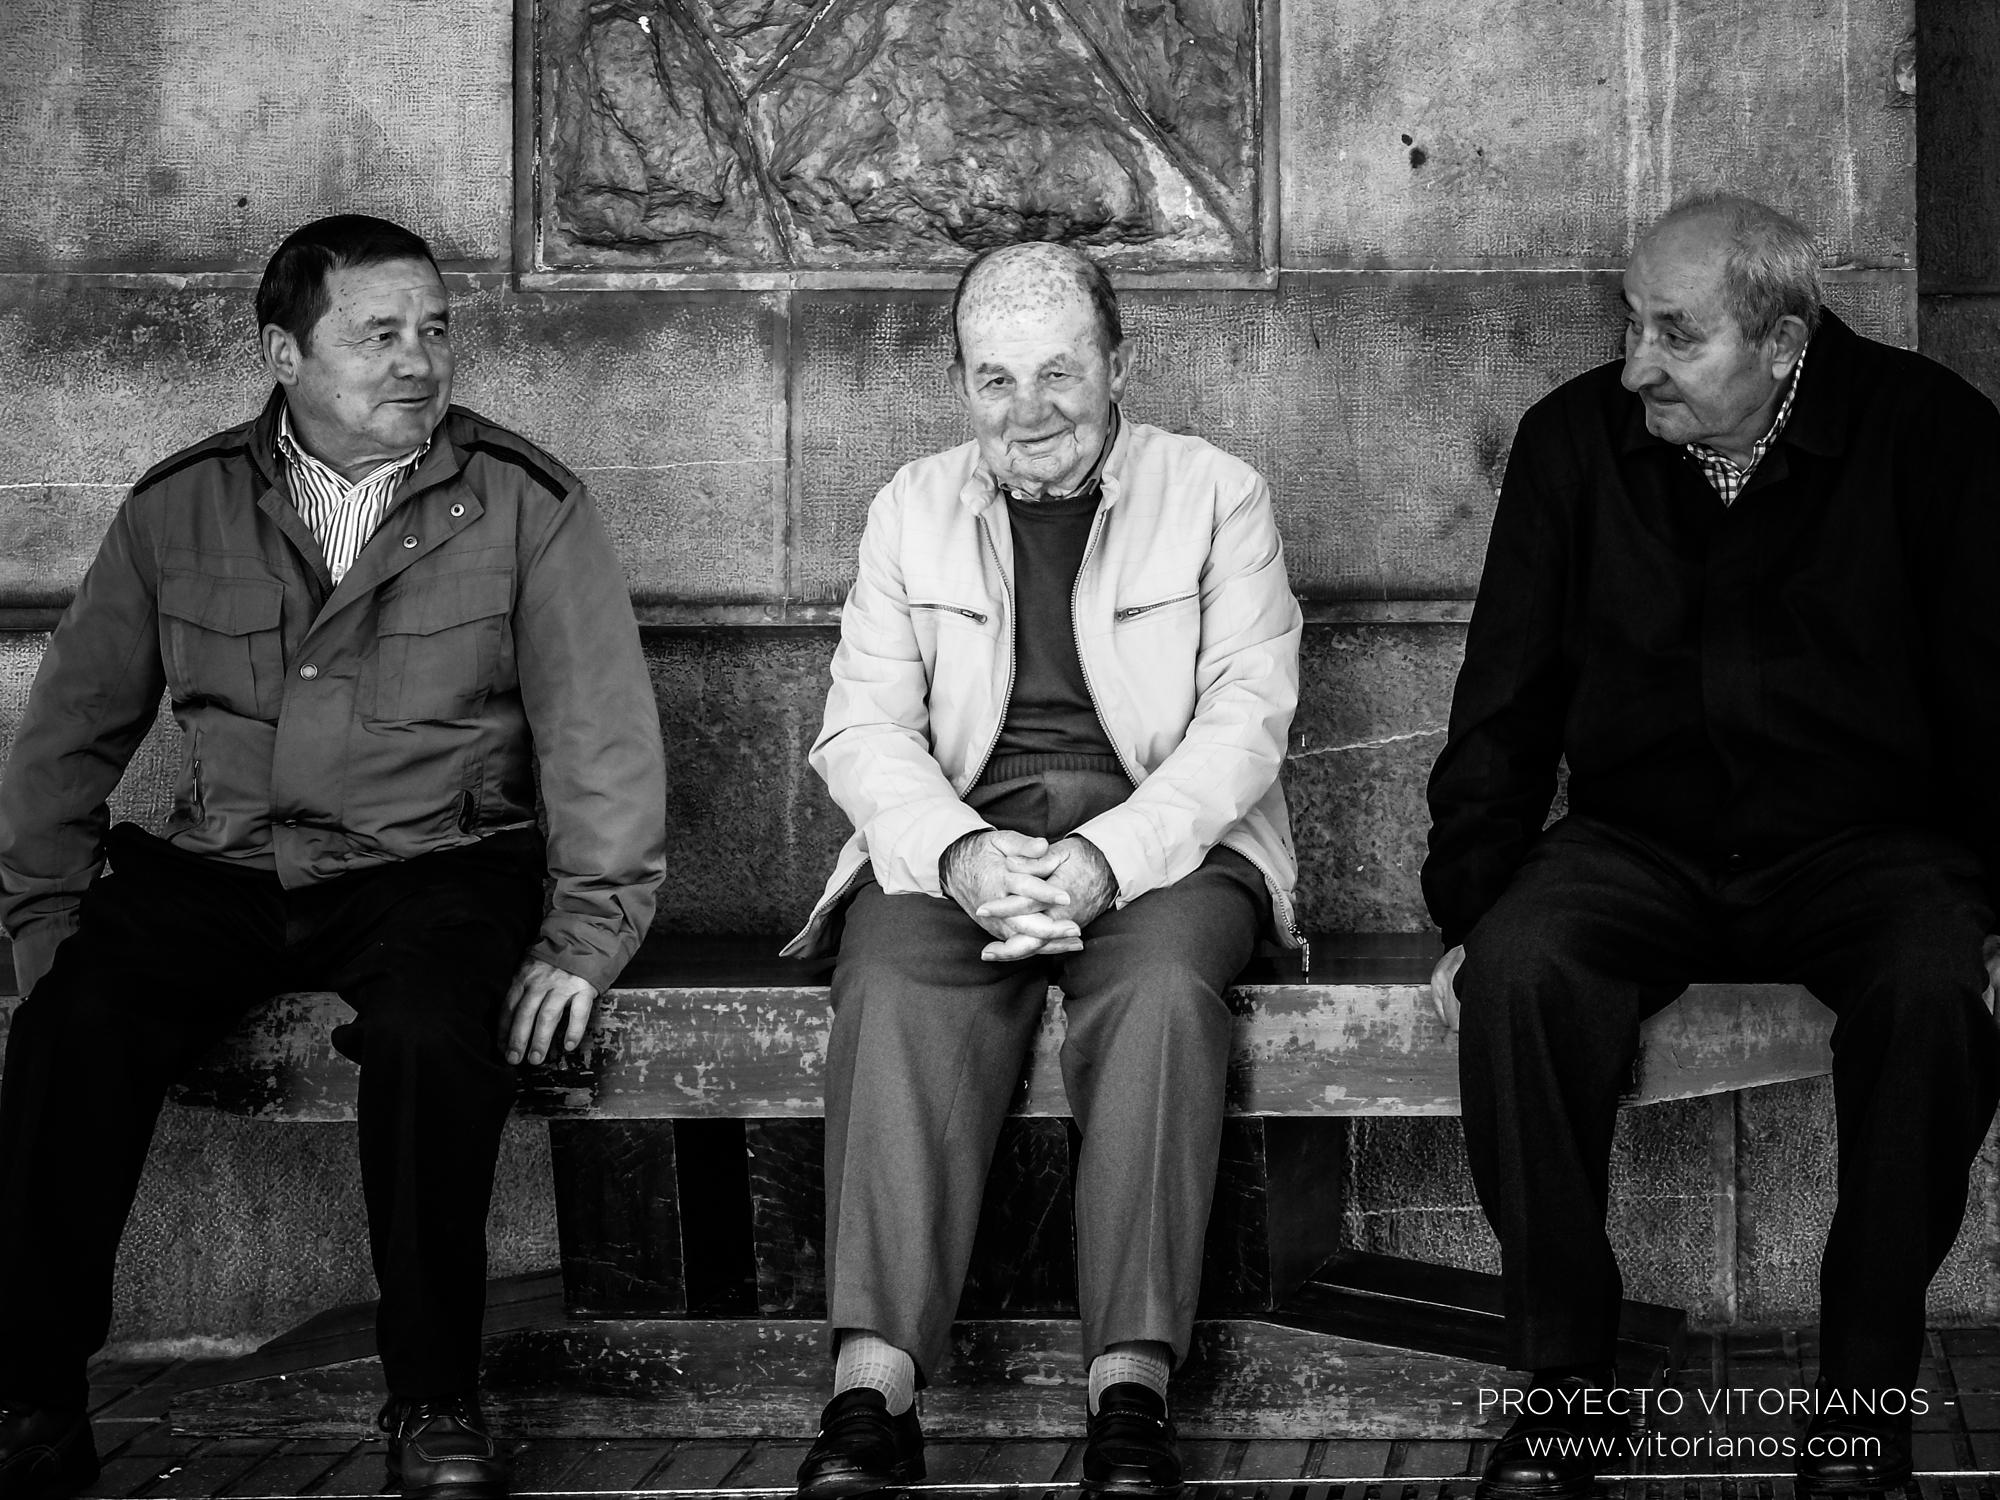 Vitorianos en un banco - Foto: Sandra Sastre